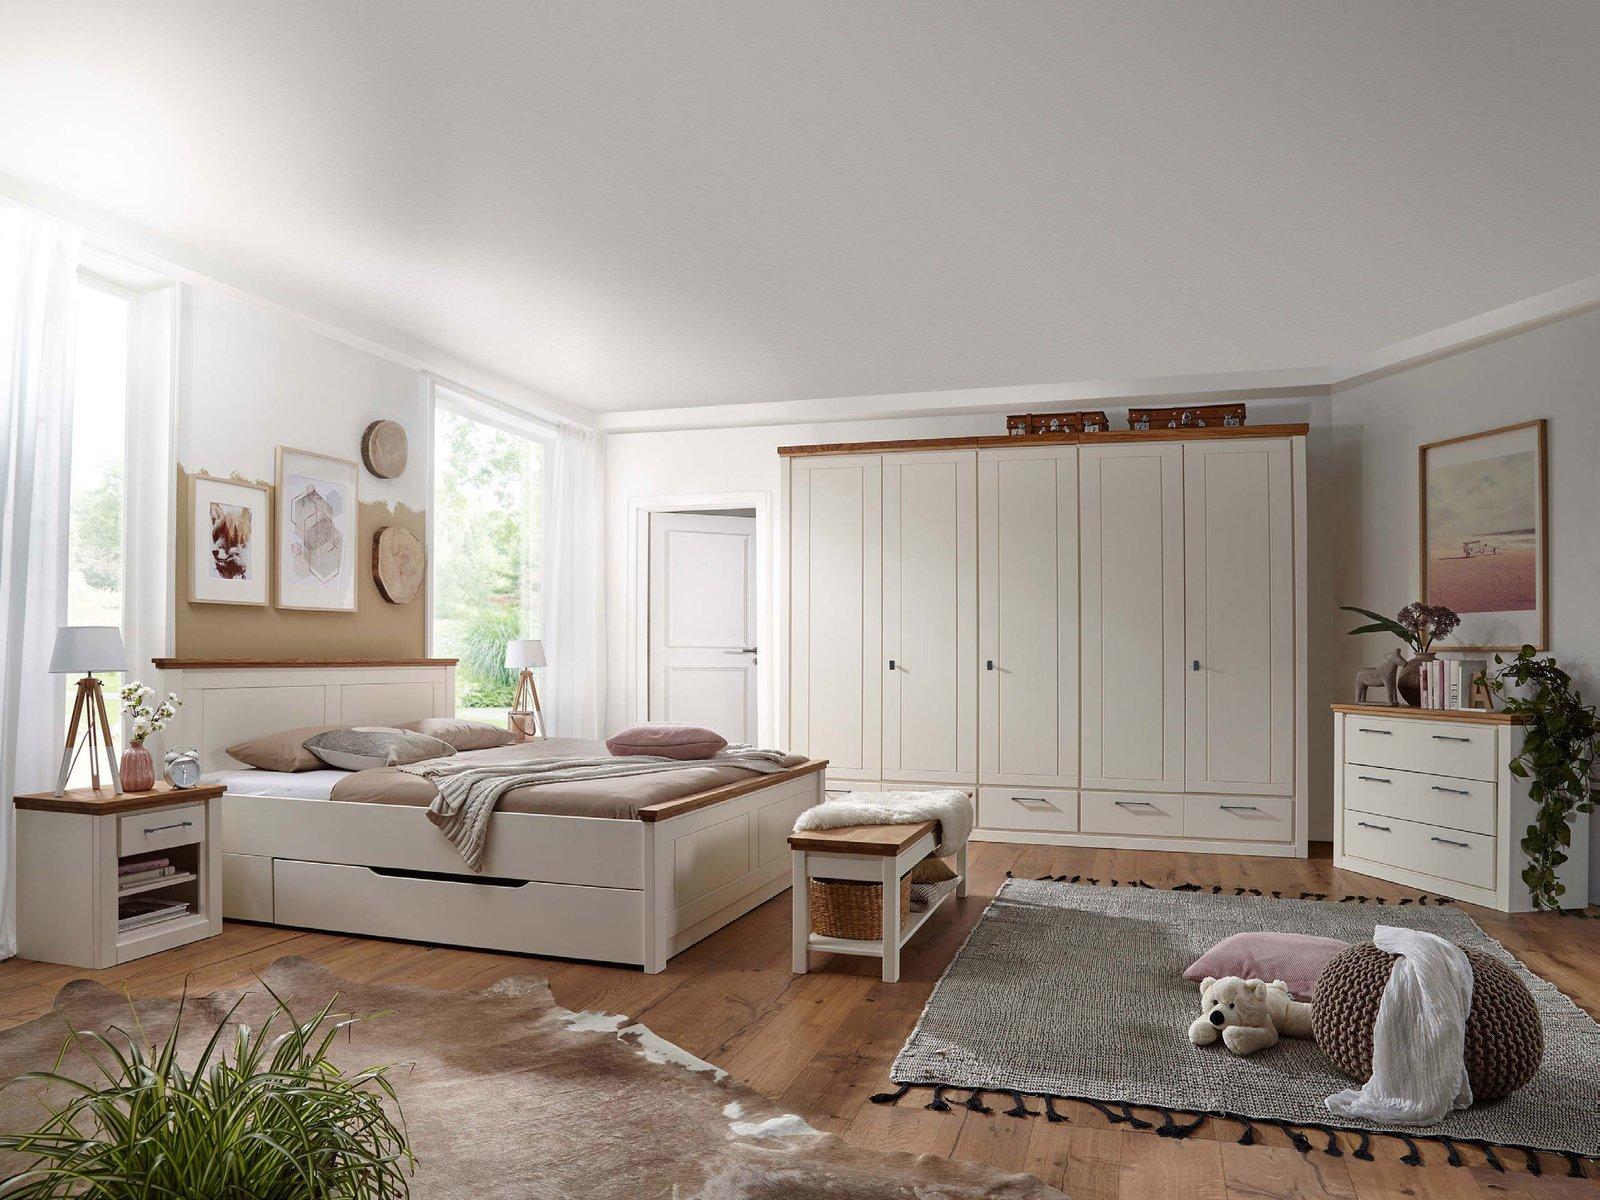 Schlafzimmer Set Kompletteinrichtung Kernbuche massiv ...